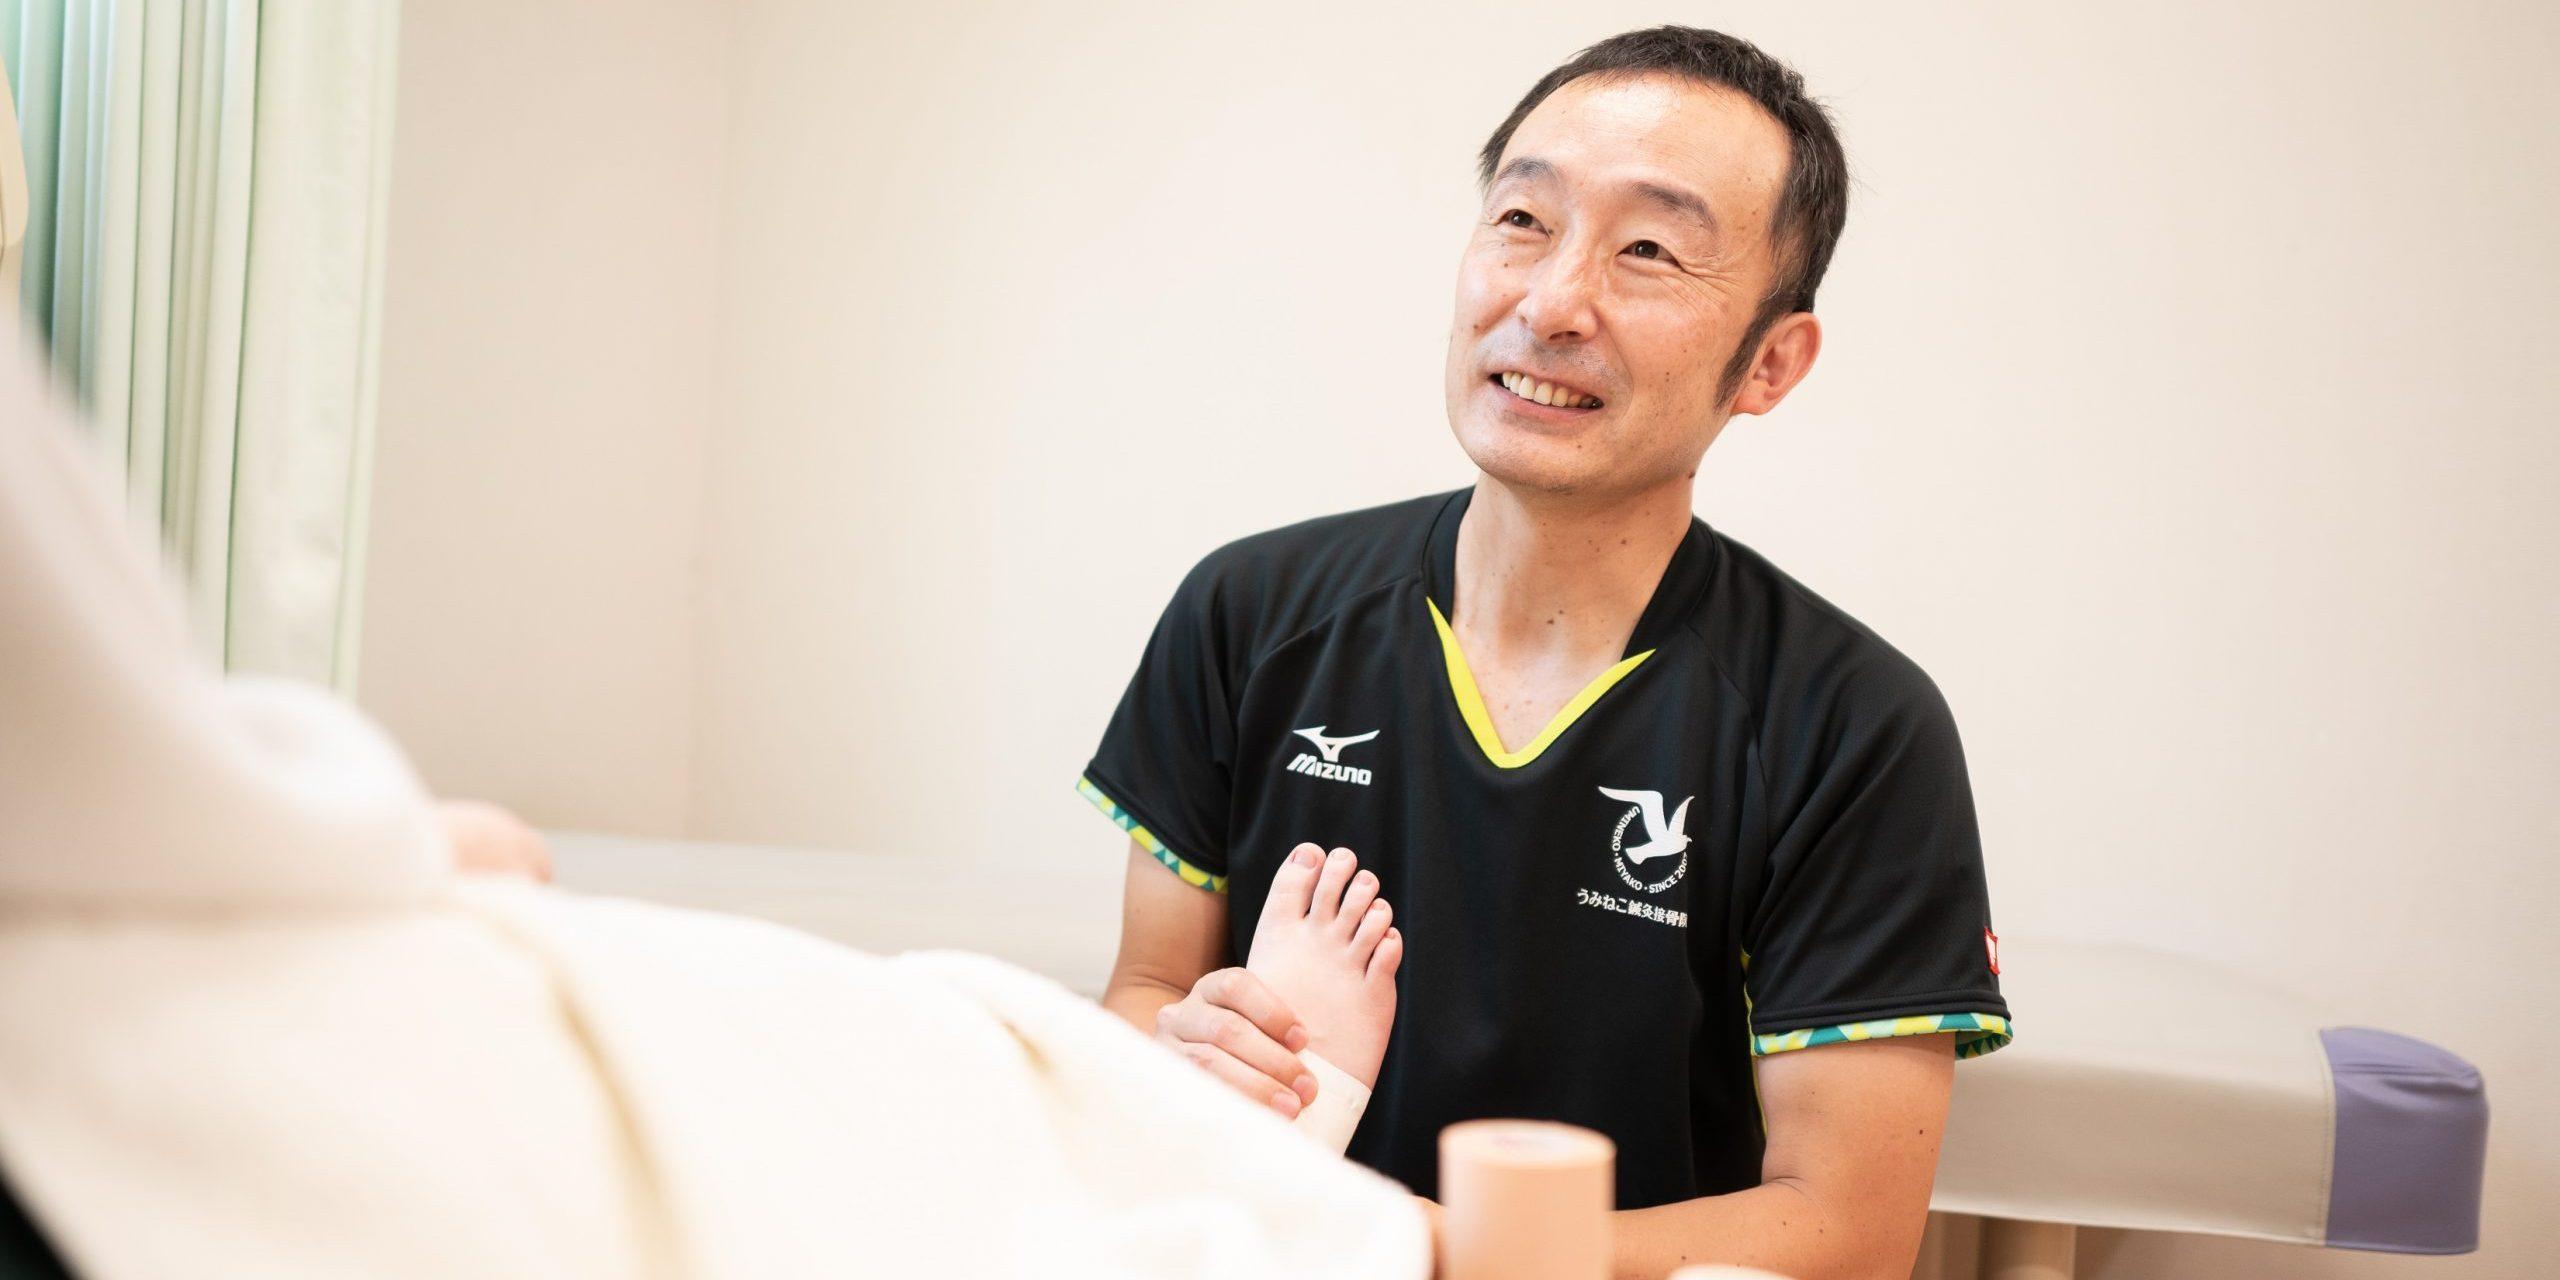 スポーツのケガ|宮古市でスポーツ障害・スポーツ外傷の治療